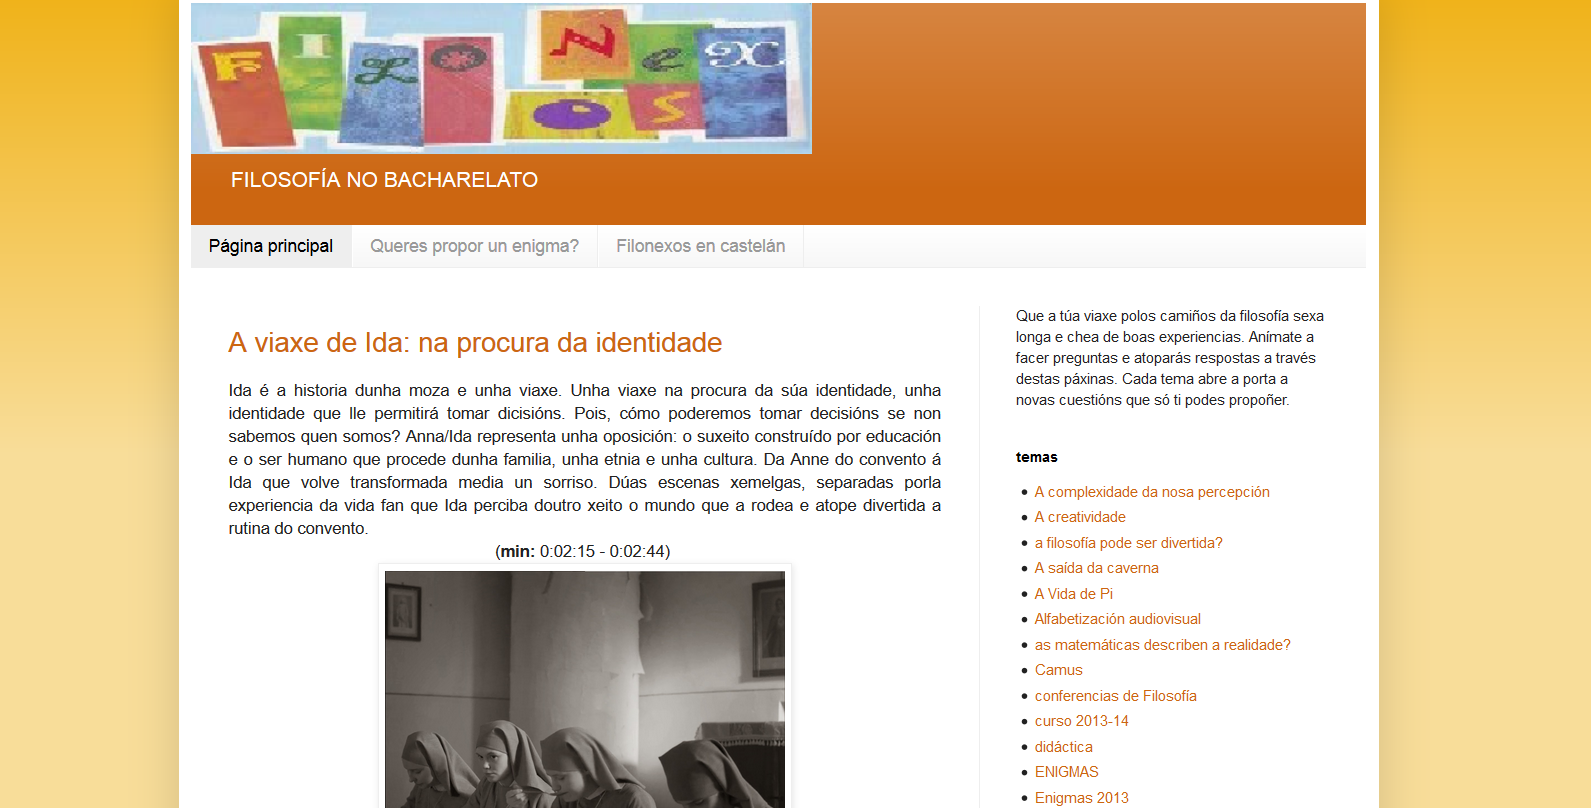 http://www.filonexos.blogspot.com.es/